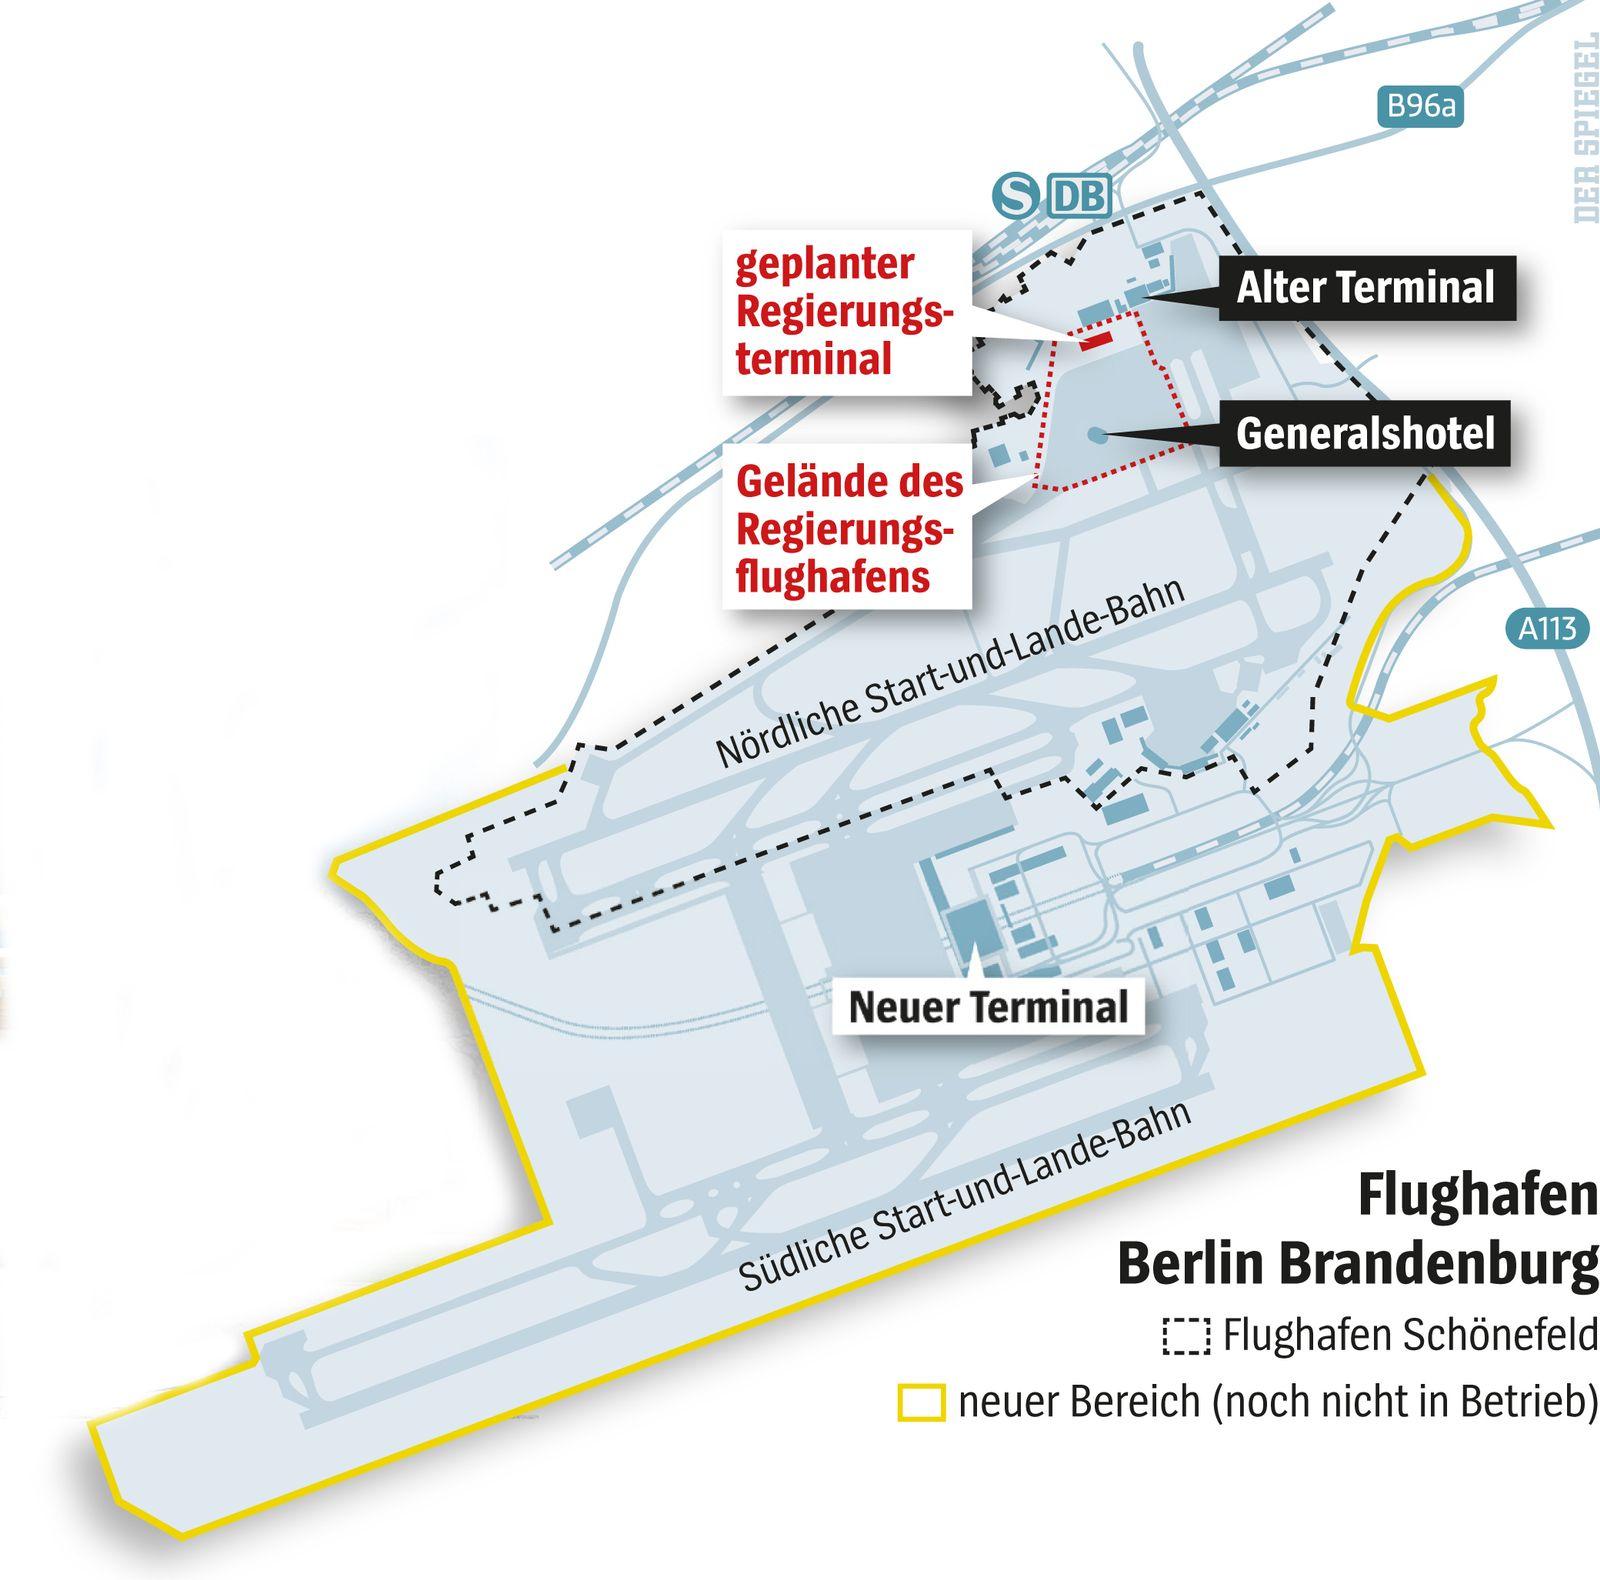 SPIEGEL 51/2012 Grafik BER / Terminal